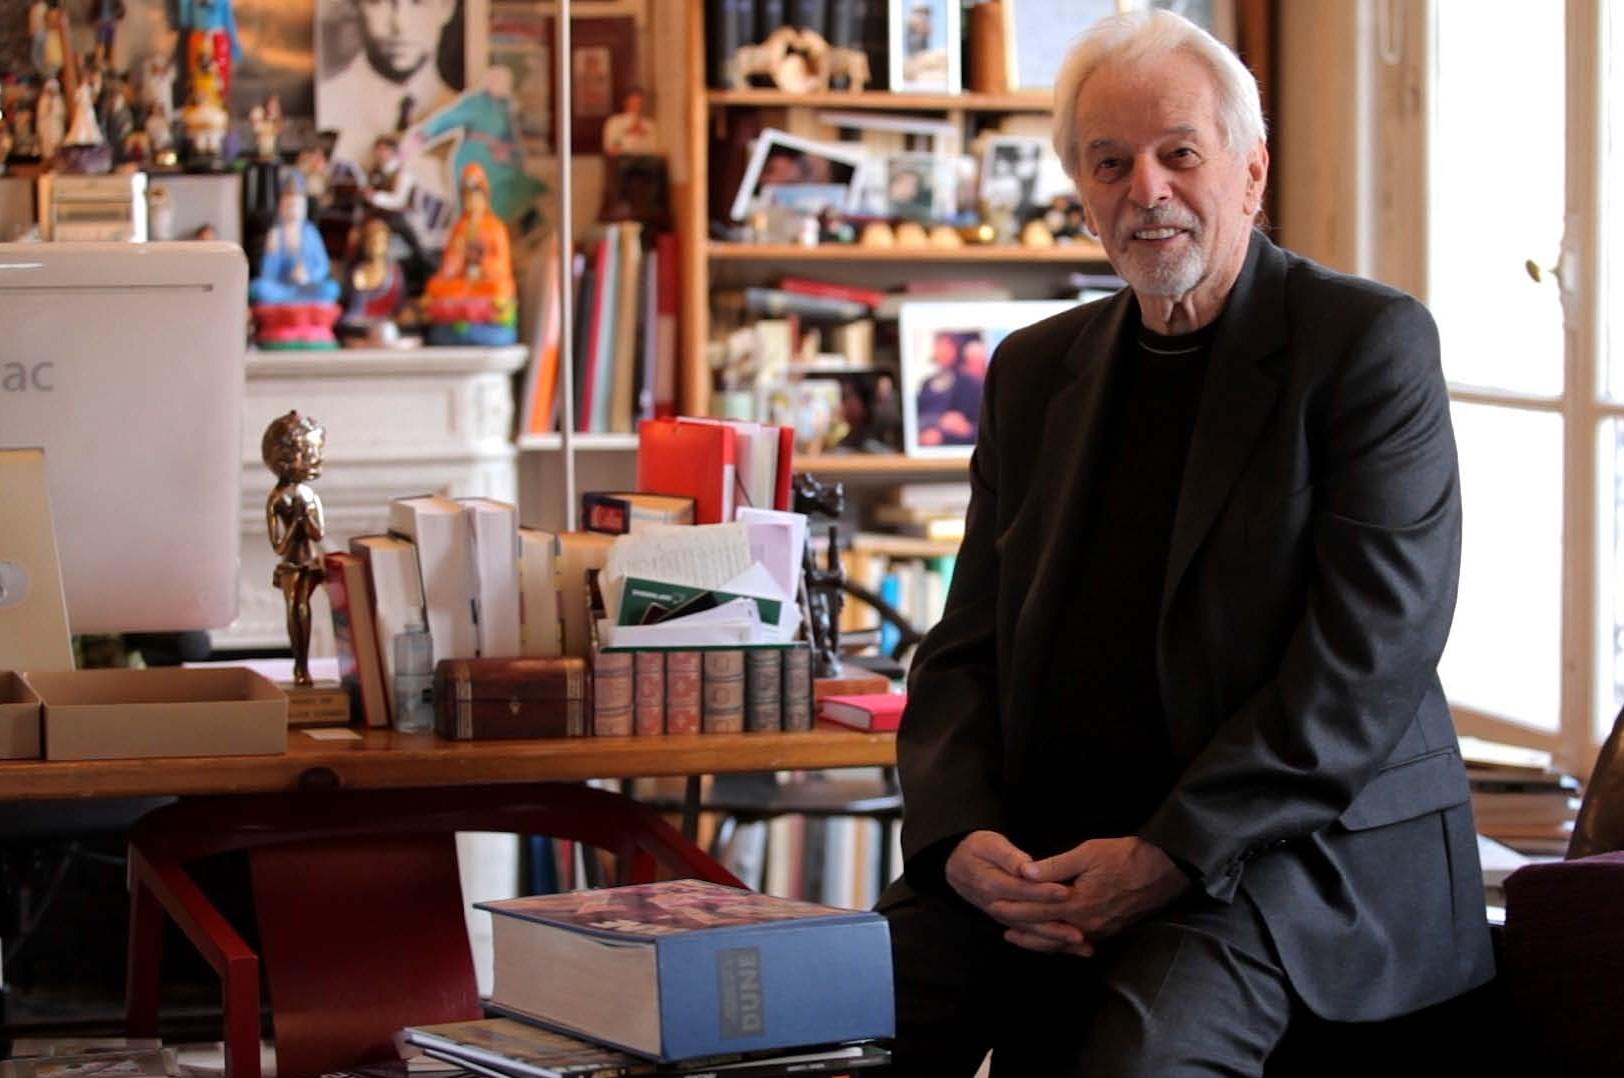 Filmmaker Alejandro Jodorowsky